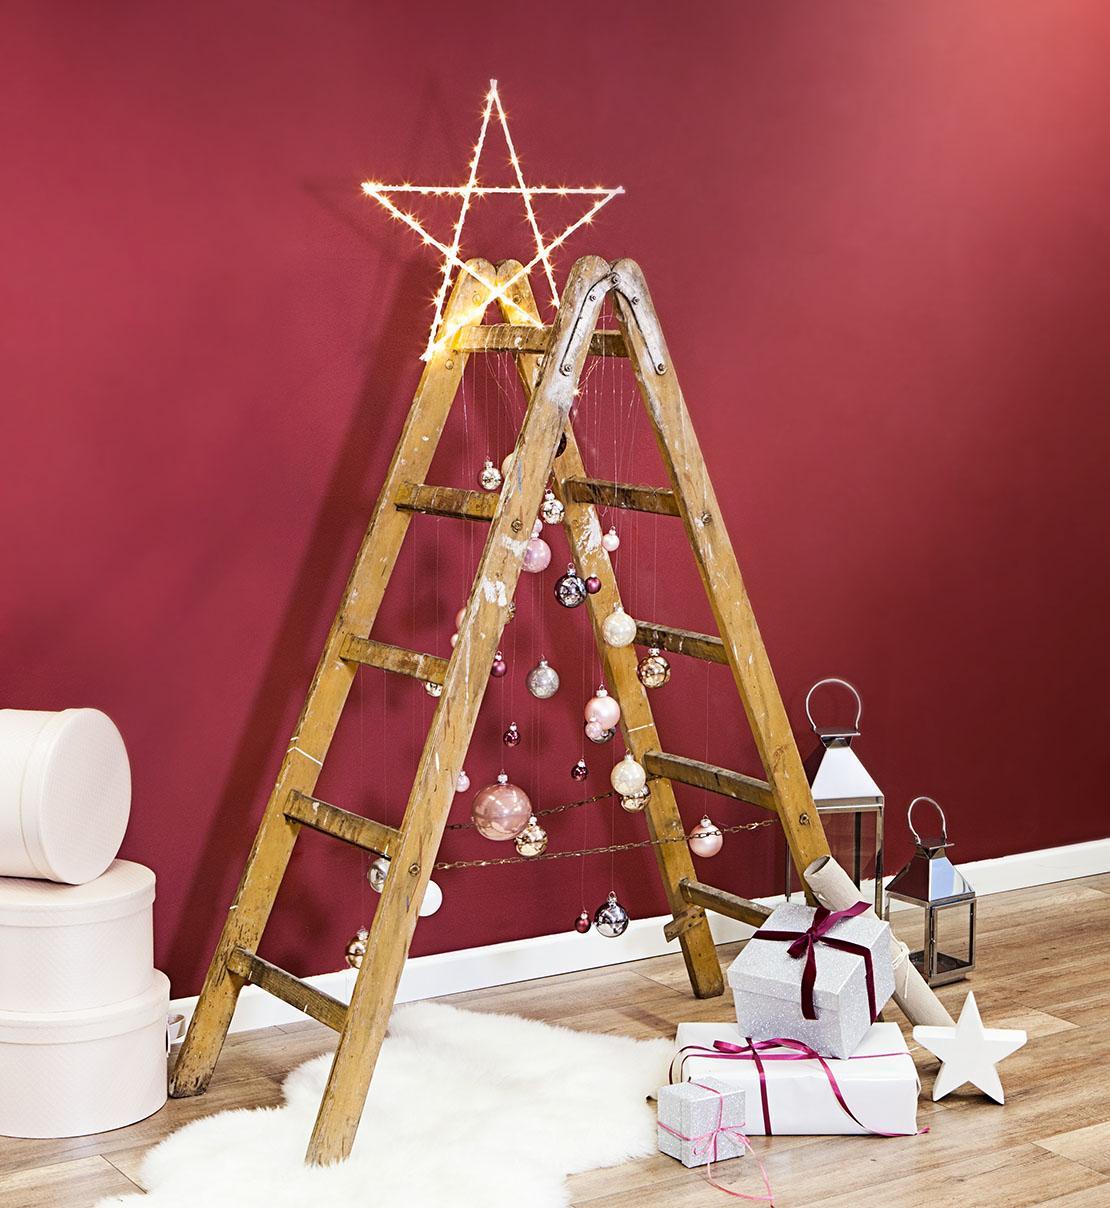 Árbol de Navidad hecho con una escalera